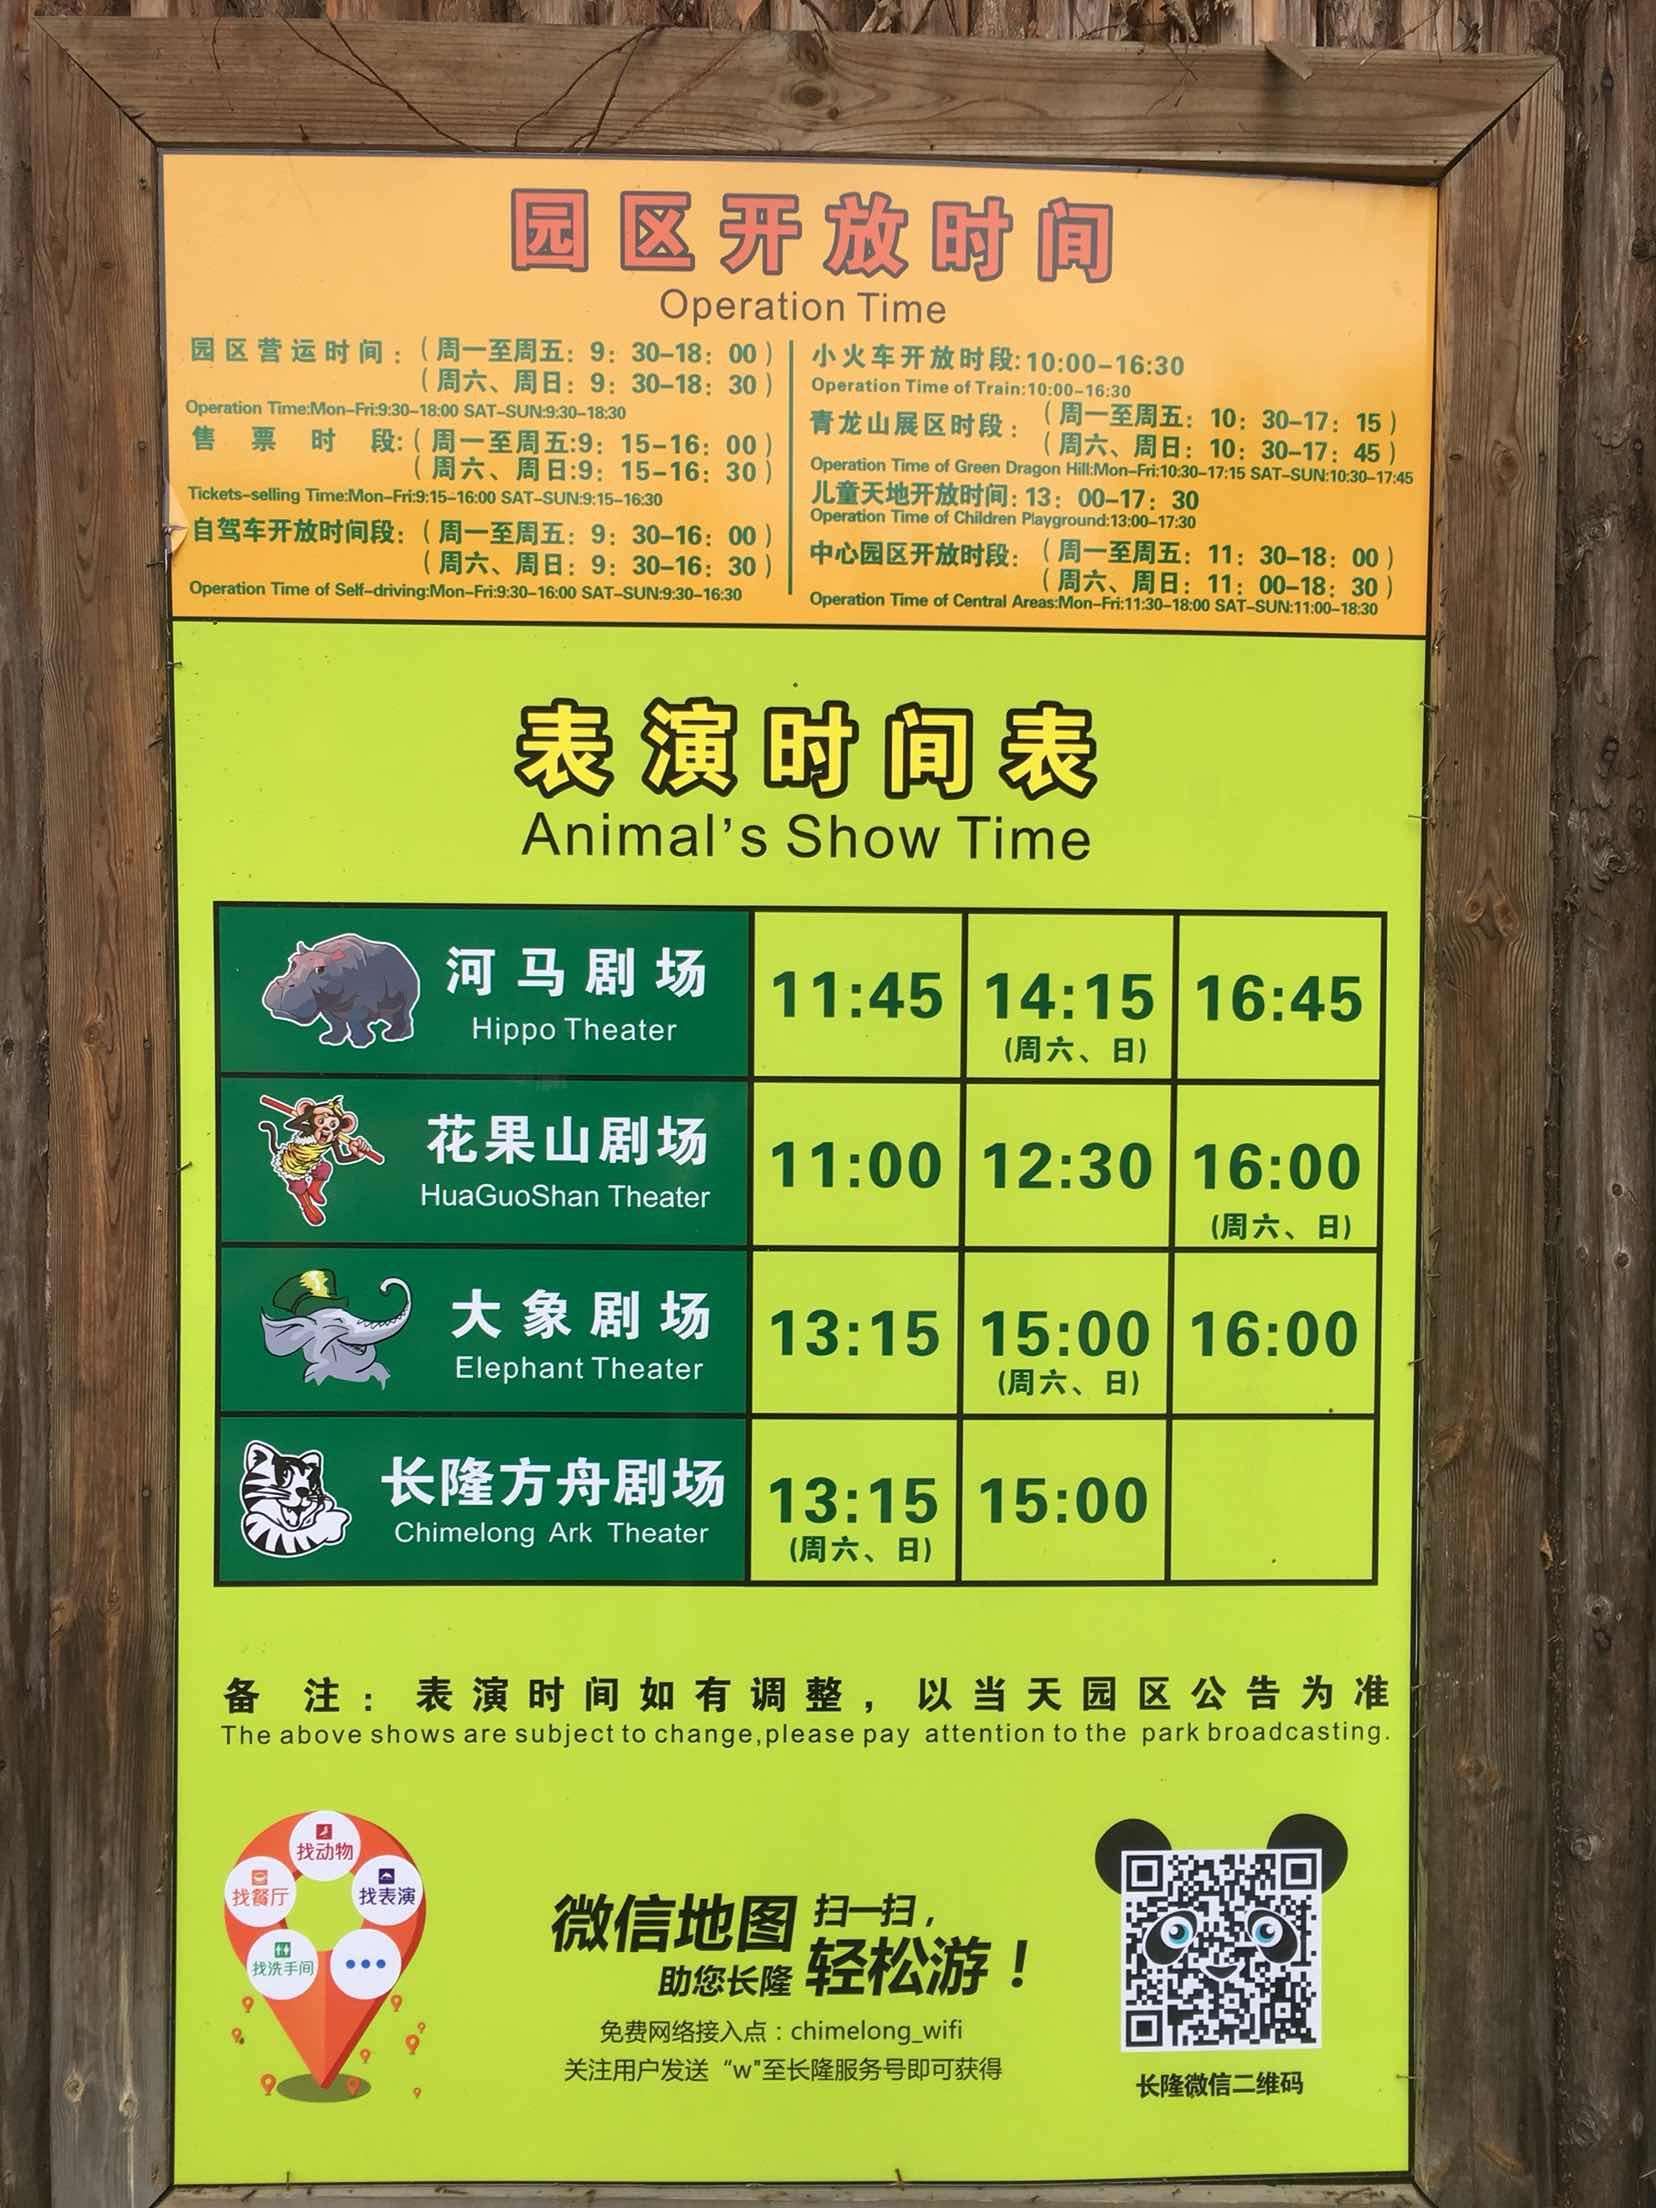 长隆野生动物园   动物世界-平日儿童票 动物世界-平日成人票